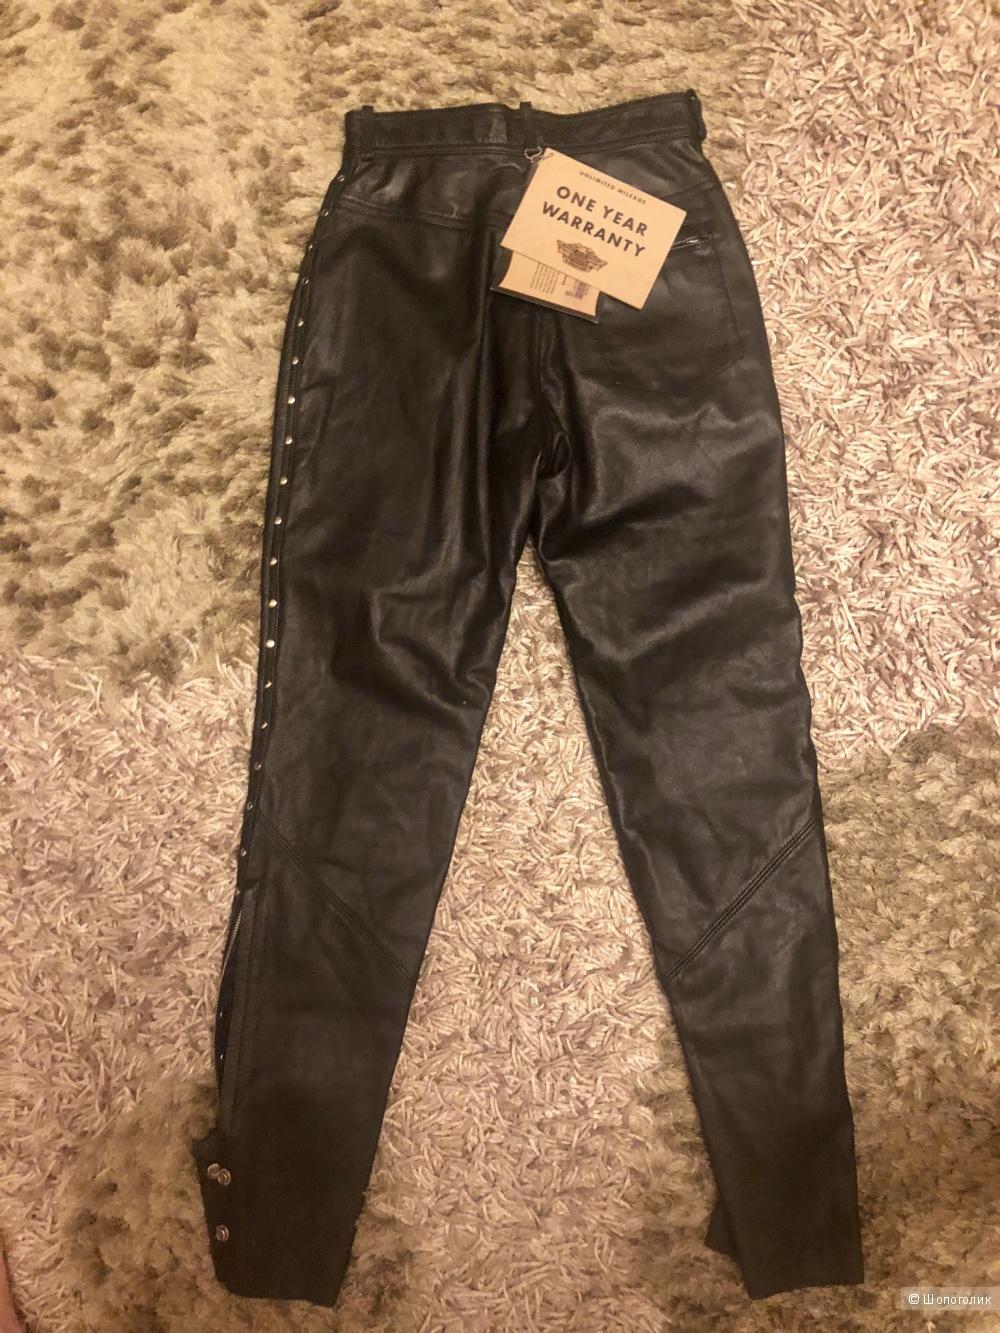 Кожаные брюки Harley Devidson. Размер M.